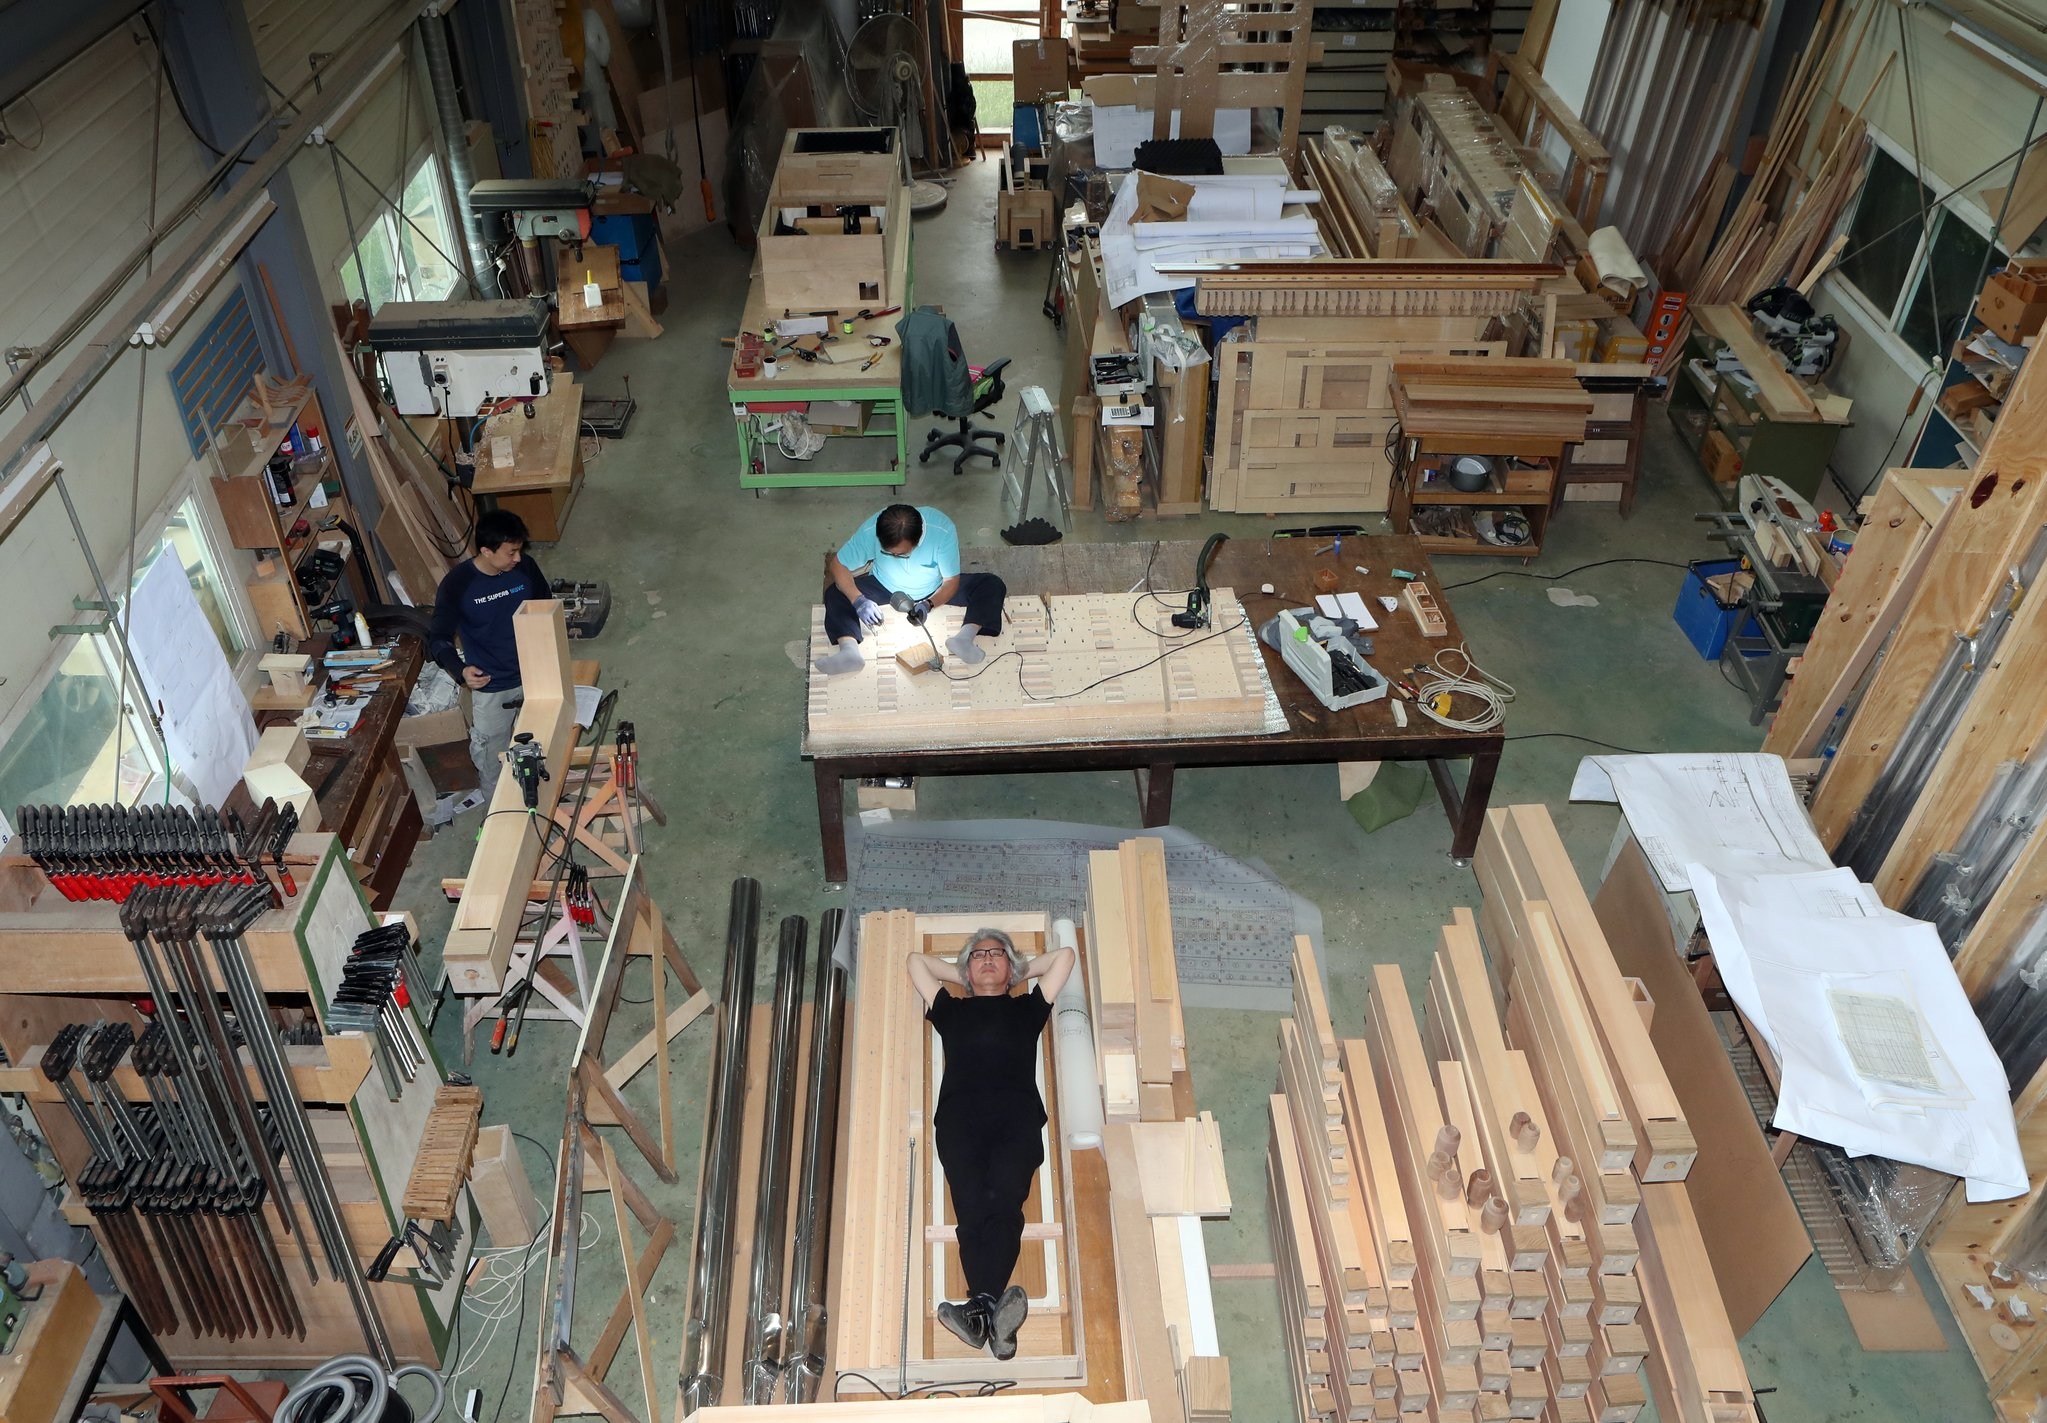 홍성훈씨가 경기도 양평 자신의 작업실에 누웠다. 금속 파이프와 목재, 도구들로 빼곡하다. 최정동 기자